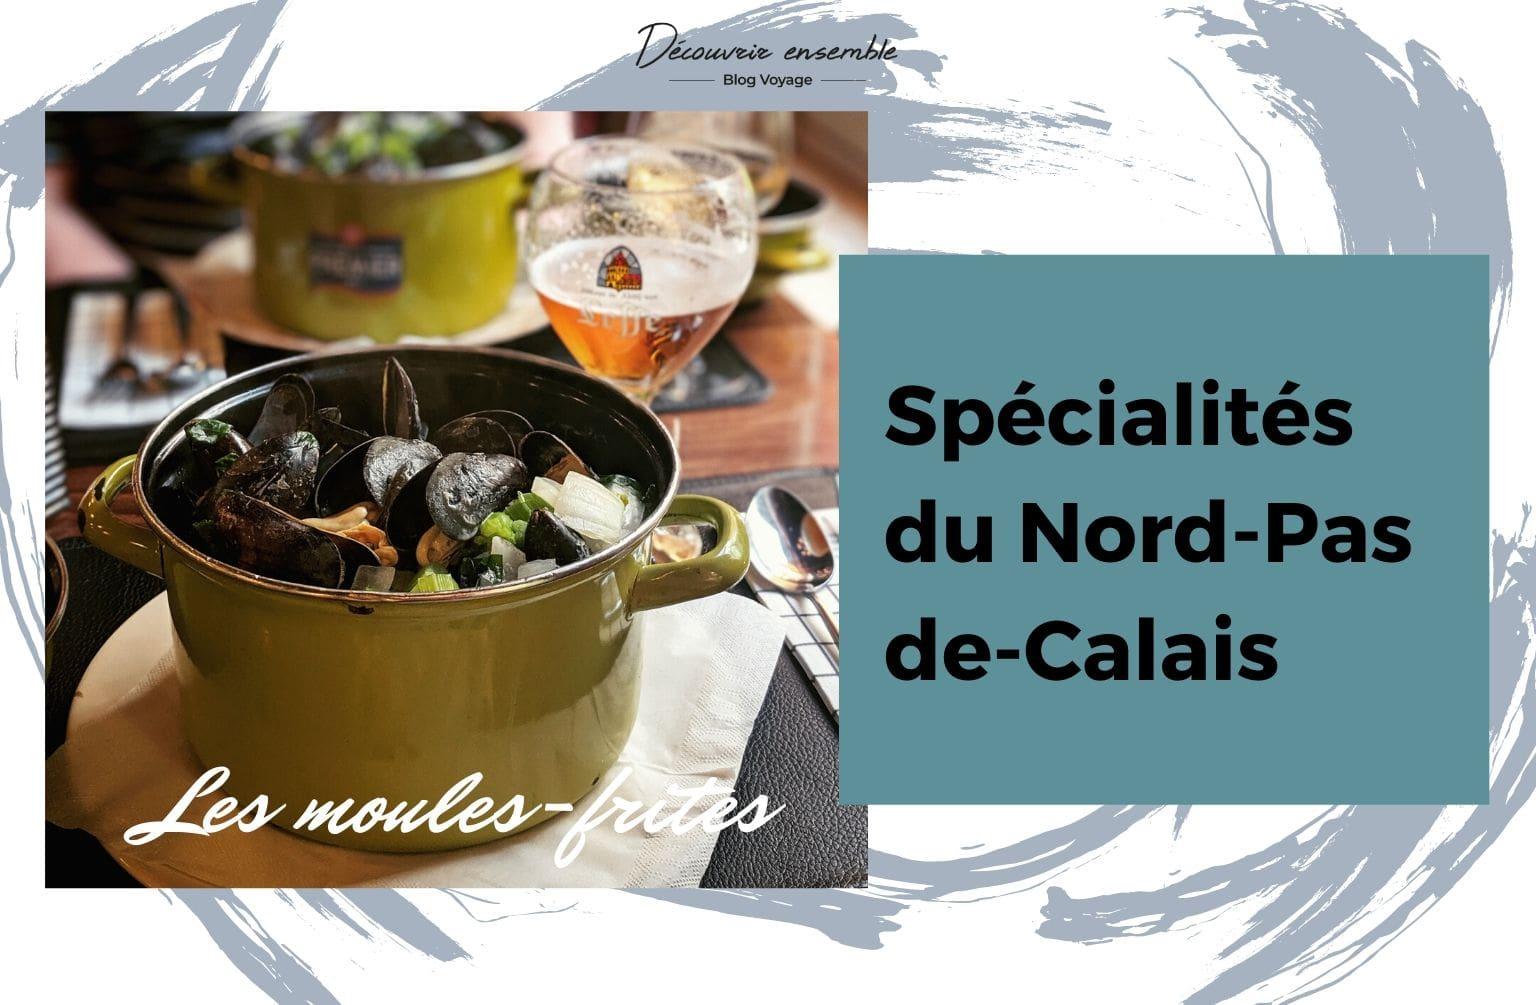 spécialités du Nord-Pas-de-Calais